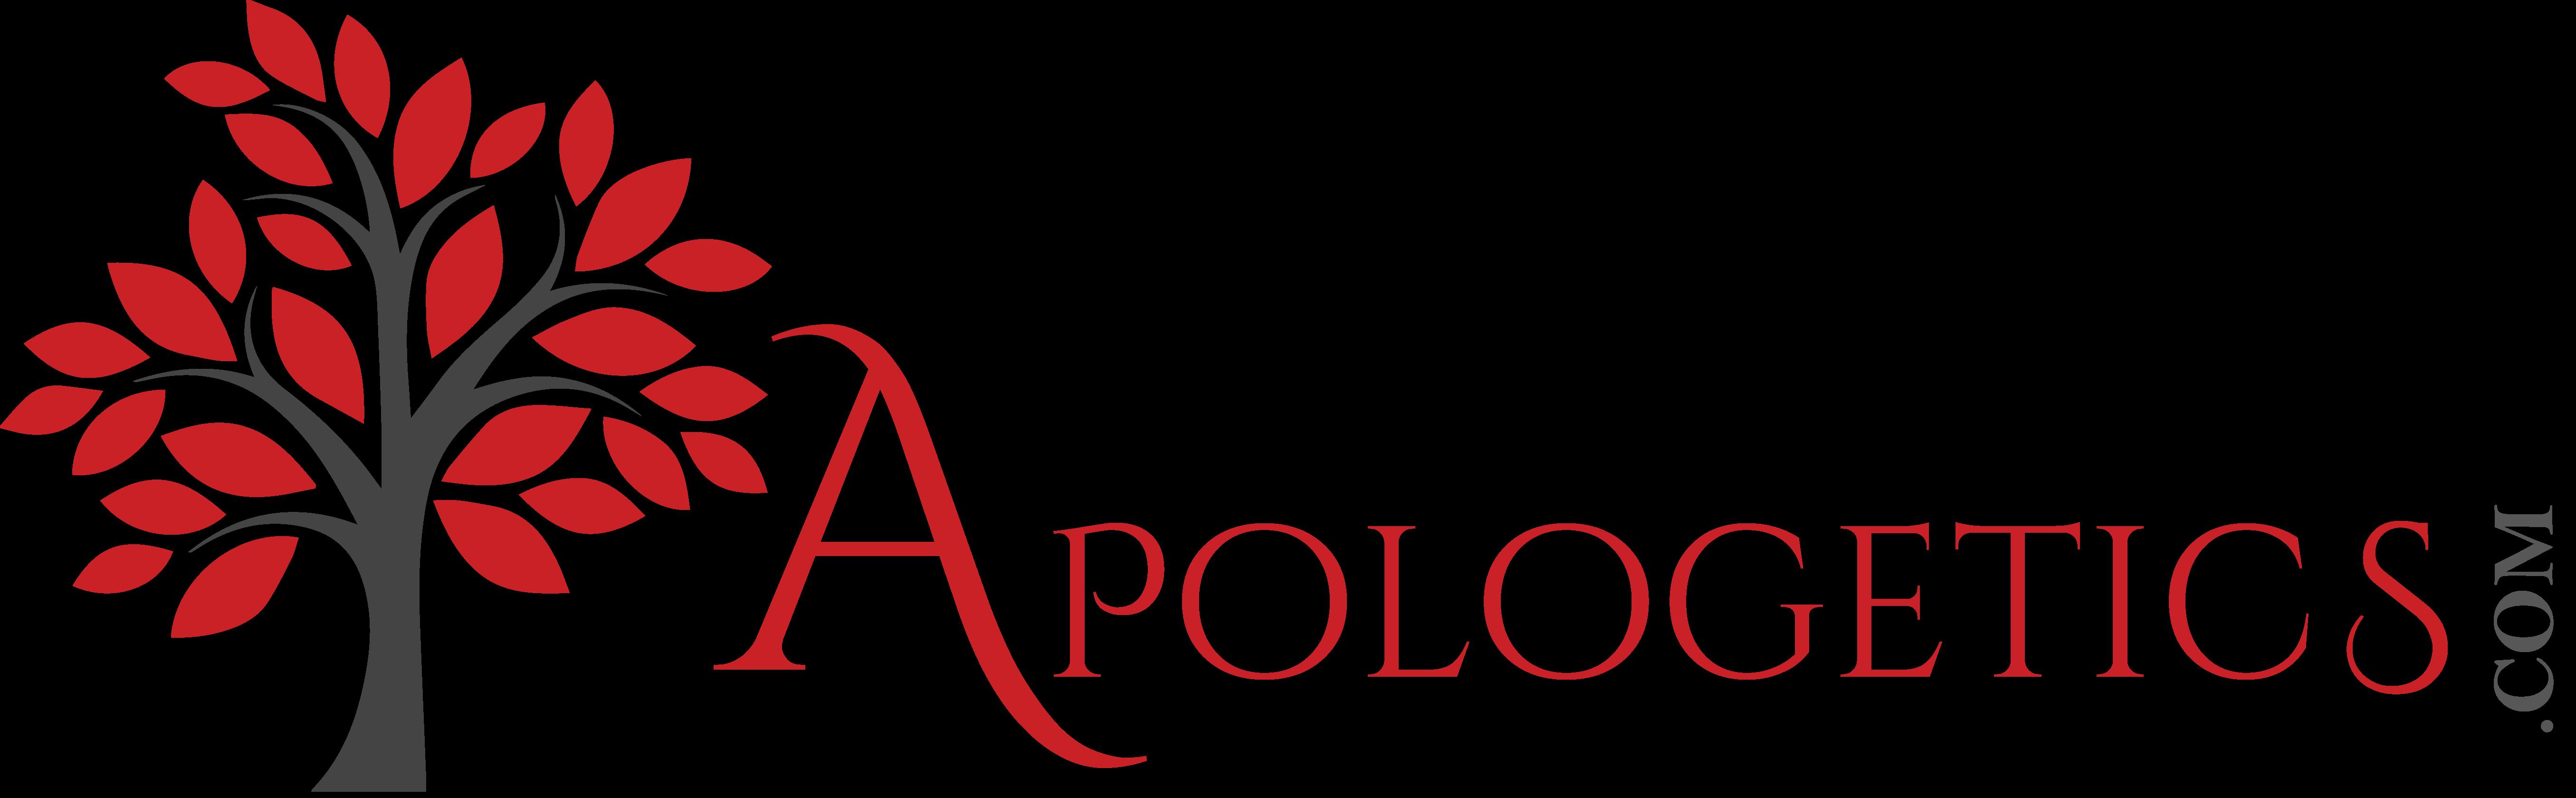 Apologetics.com Logo